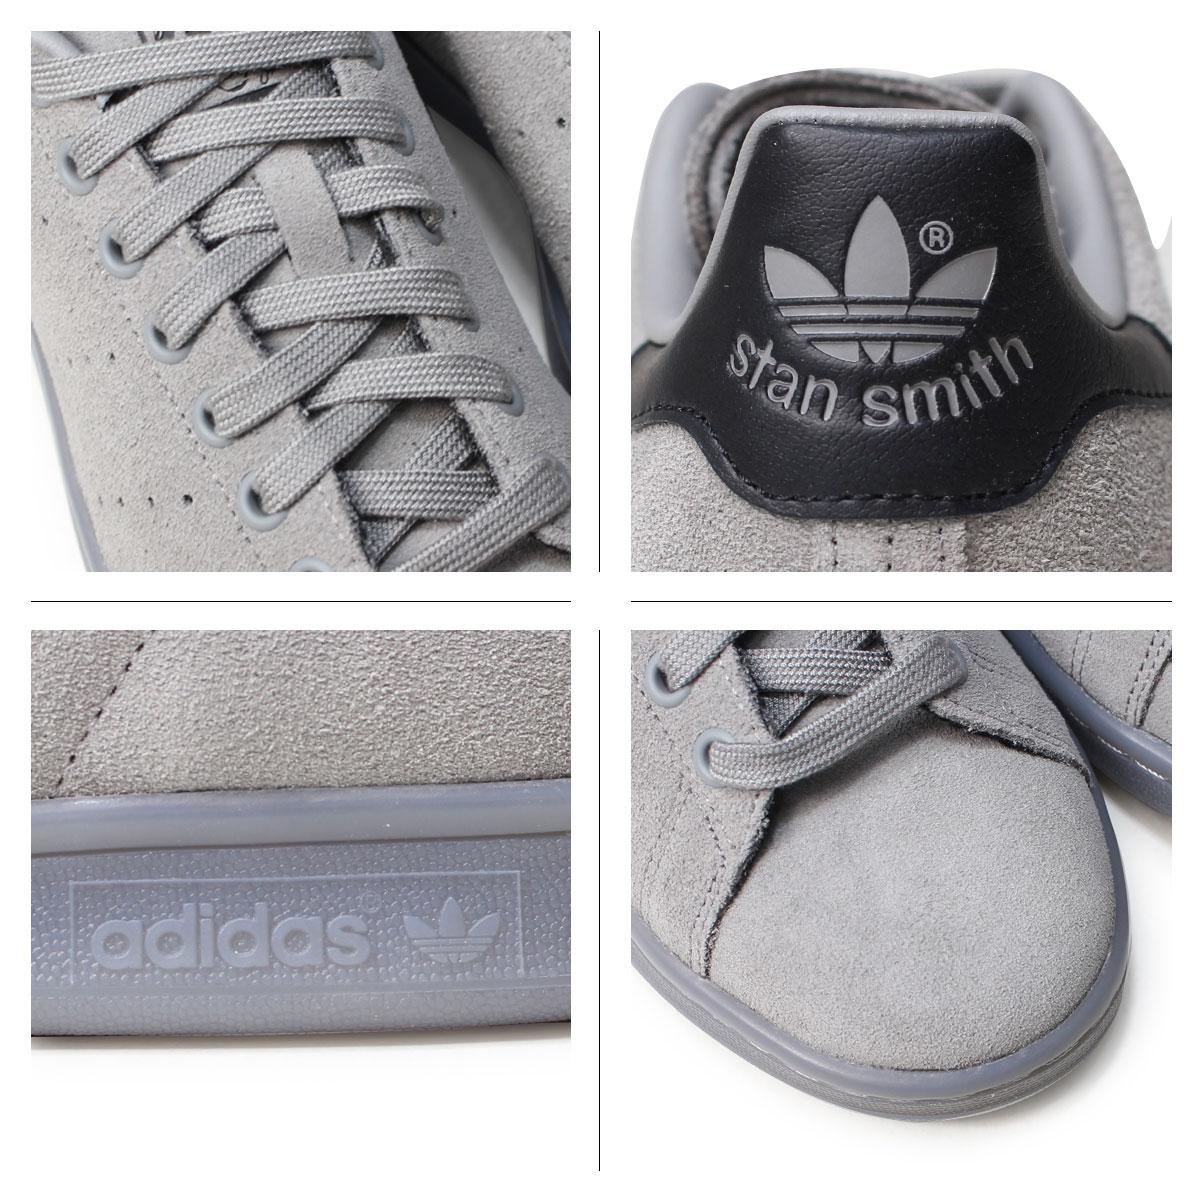 173647560de3 Adidas Stan Smith adidas originals sneakers men gap Dis STAN SMITH S80031  S80032 shoes gray red originals  1 31 Shinnyu load